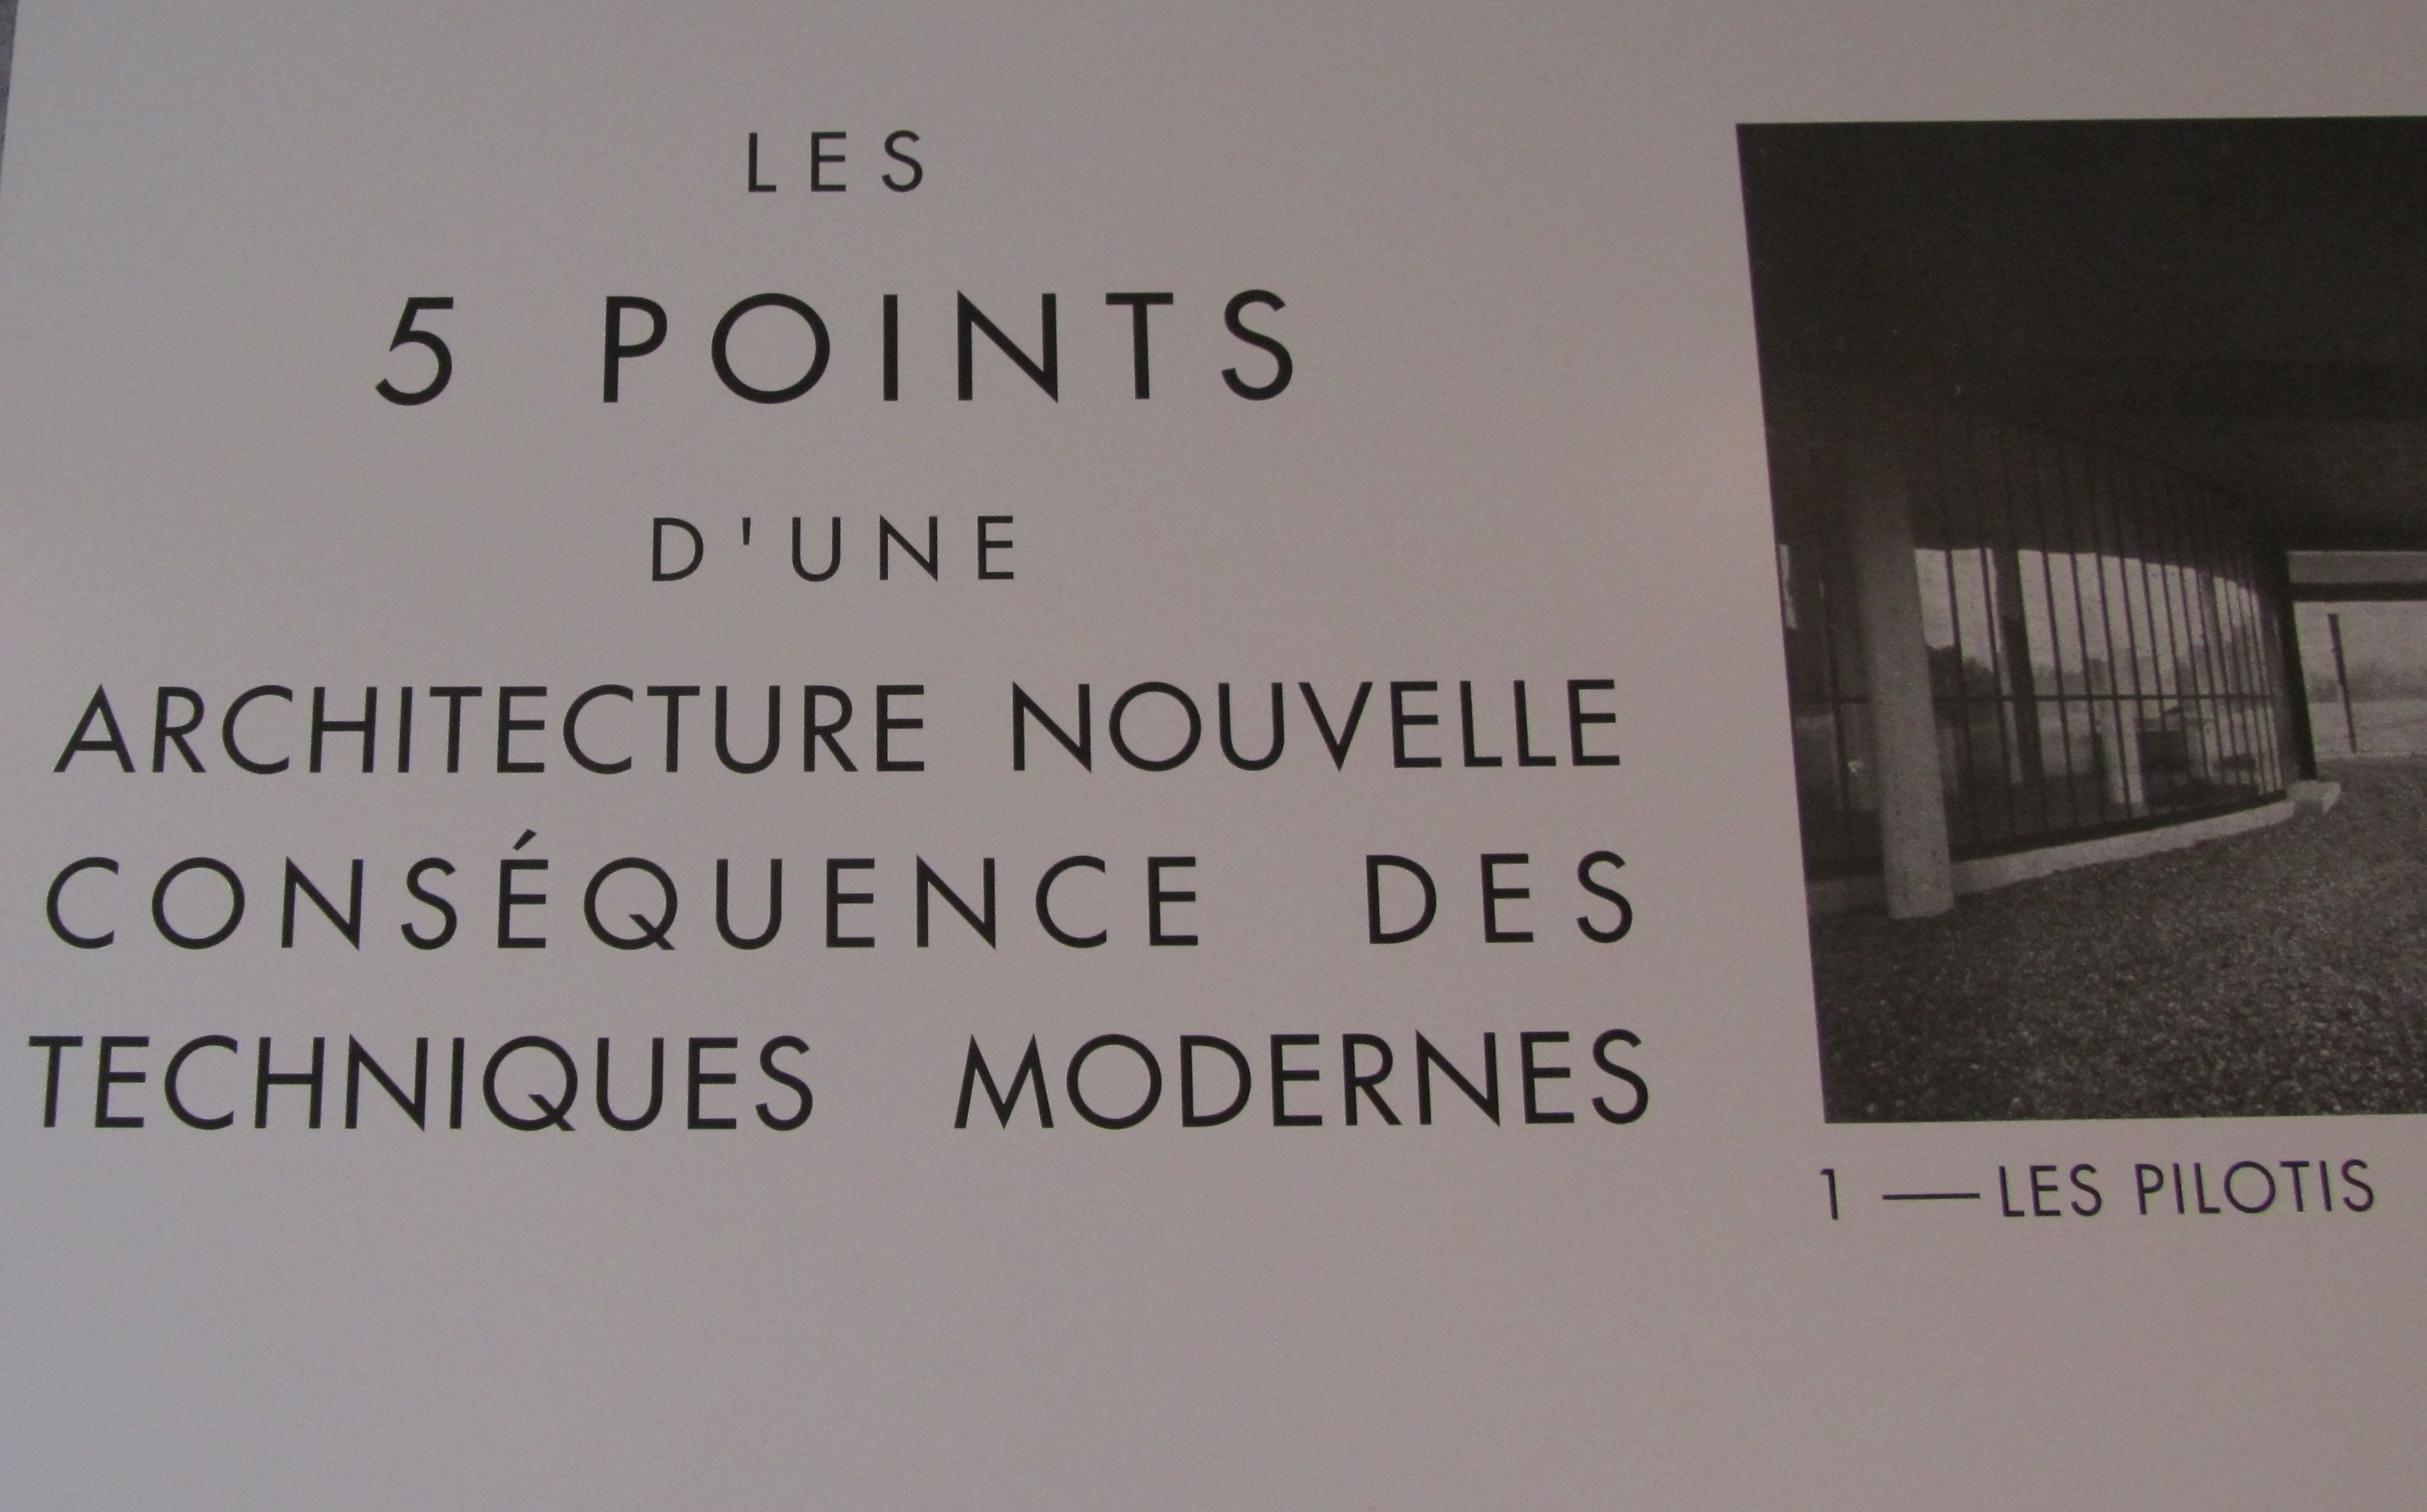 Le Corbusier Les 5 Points les cinq points de l'architecture moderne, publiés en 1927